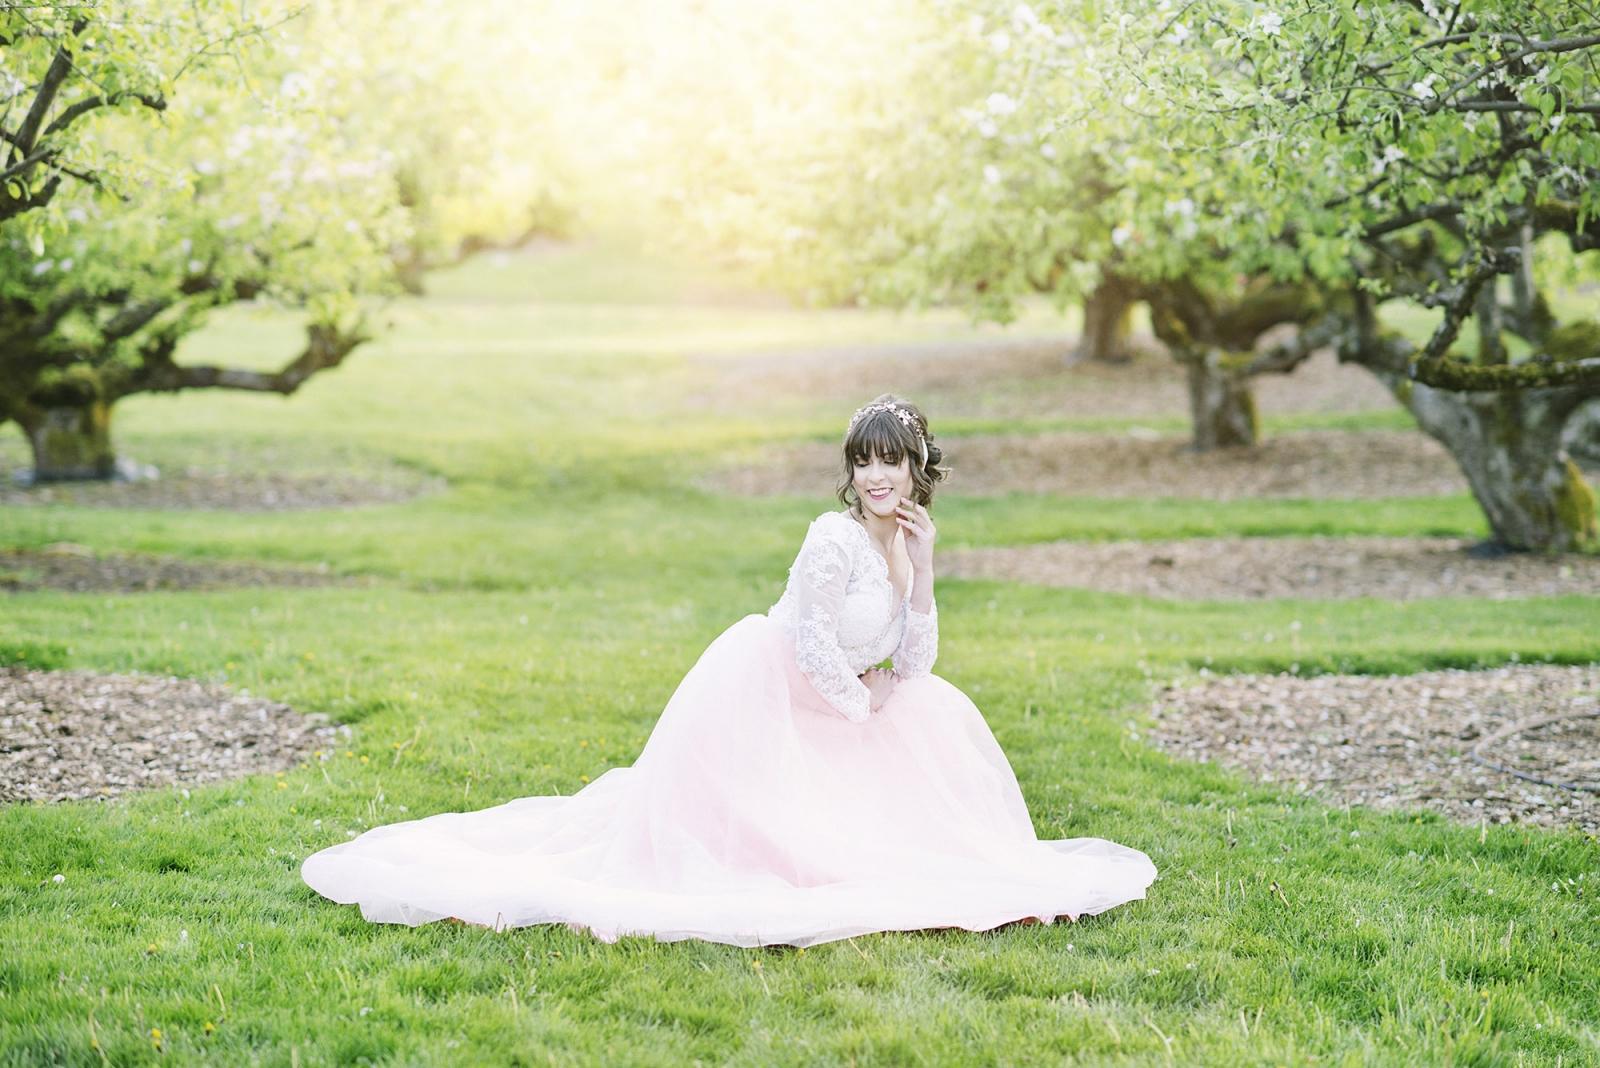 Orchard Spring Senior Photos